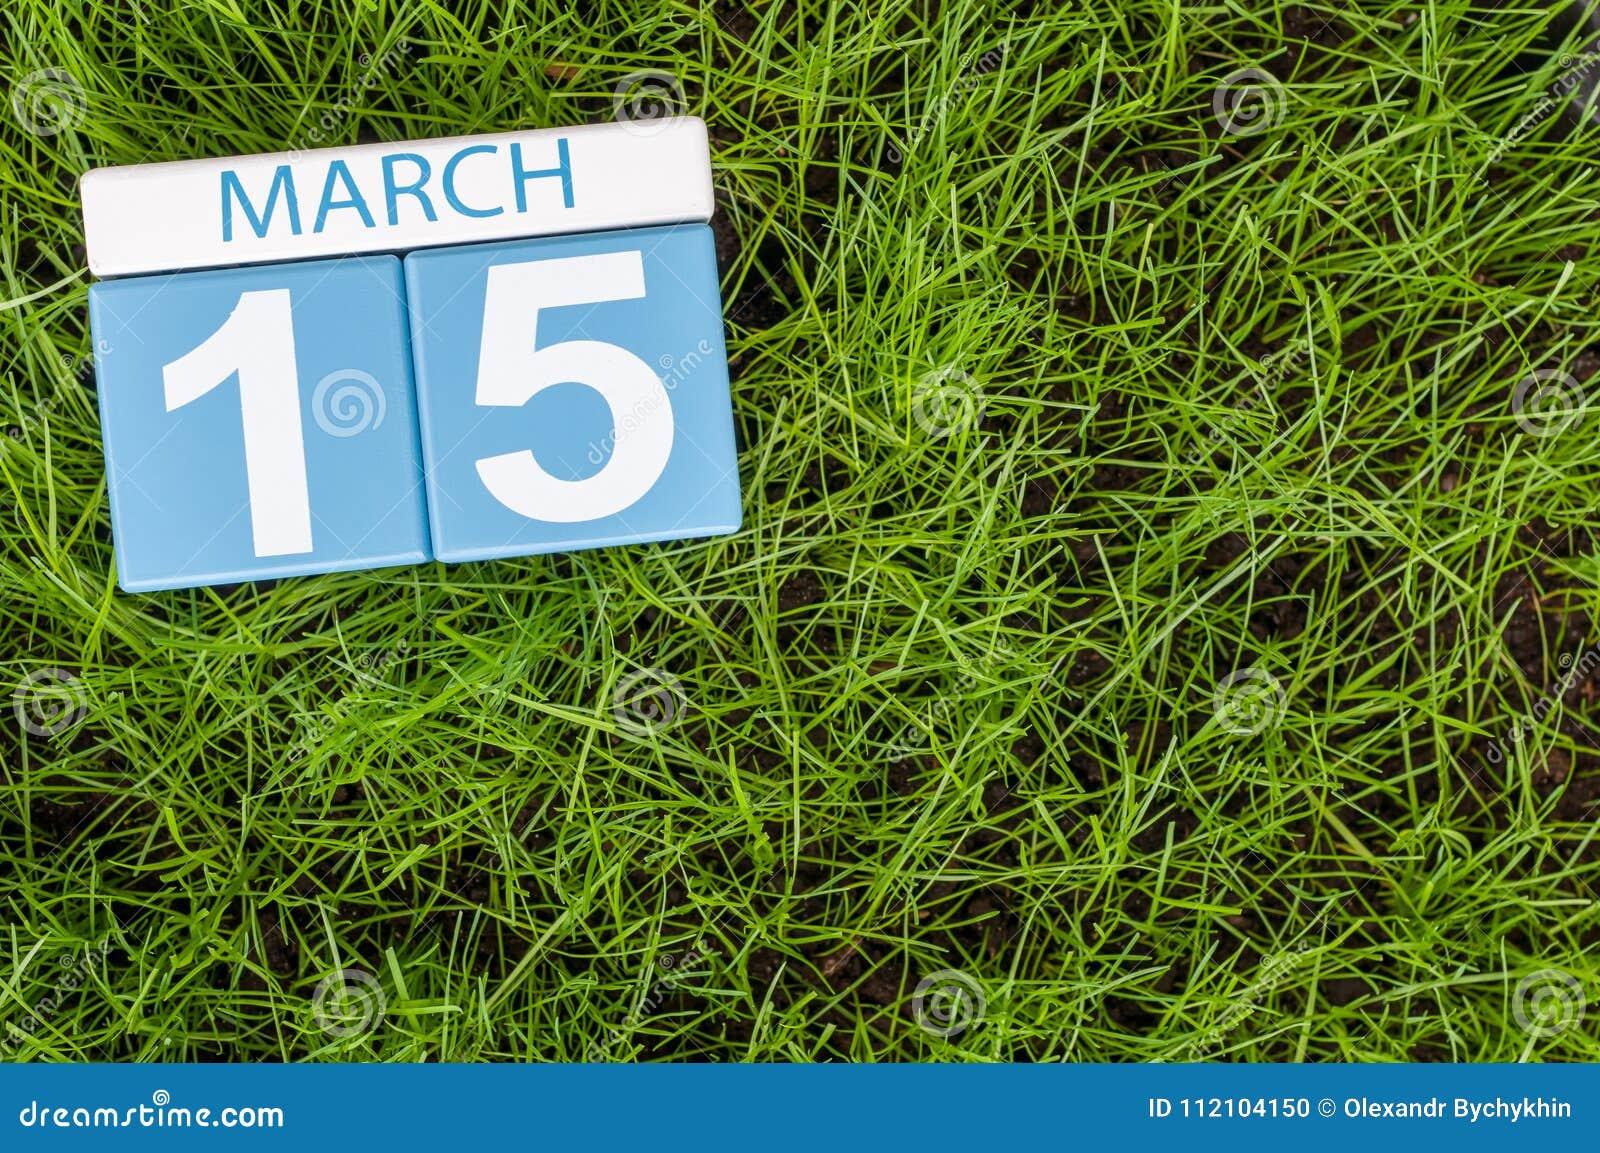 Fiera Erba Calendario.15 Marzo Giorno 5 Del Mese Calendario Sul Fondo Dell Erba